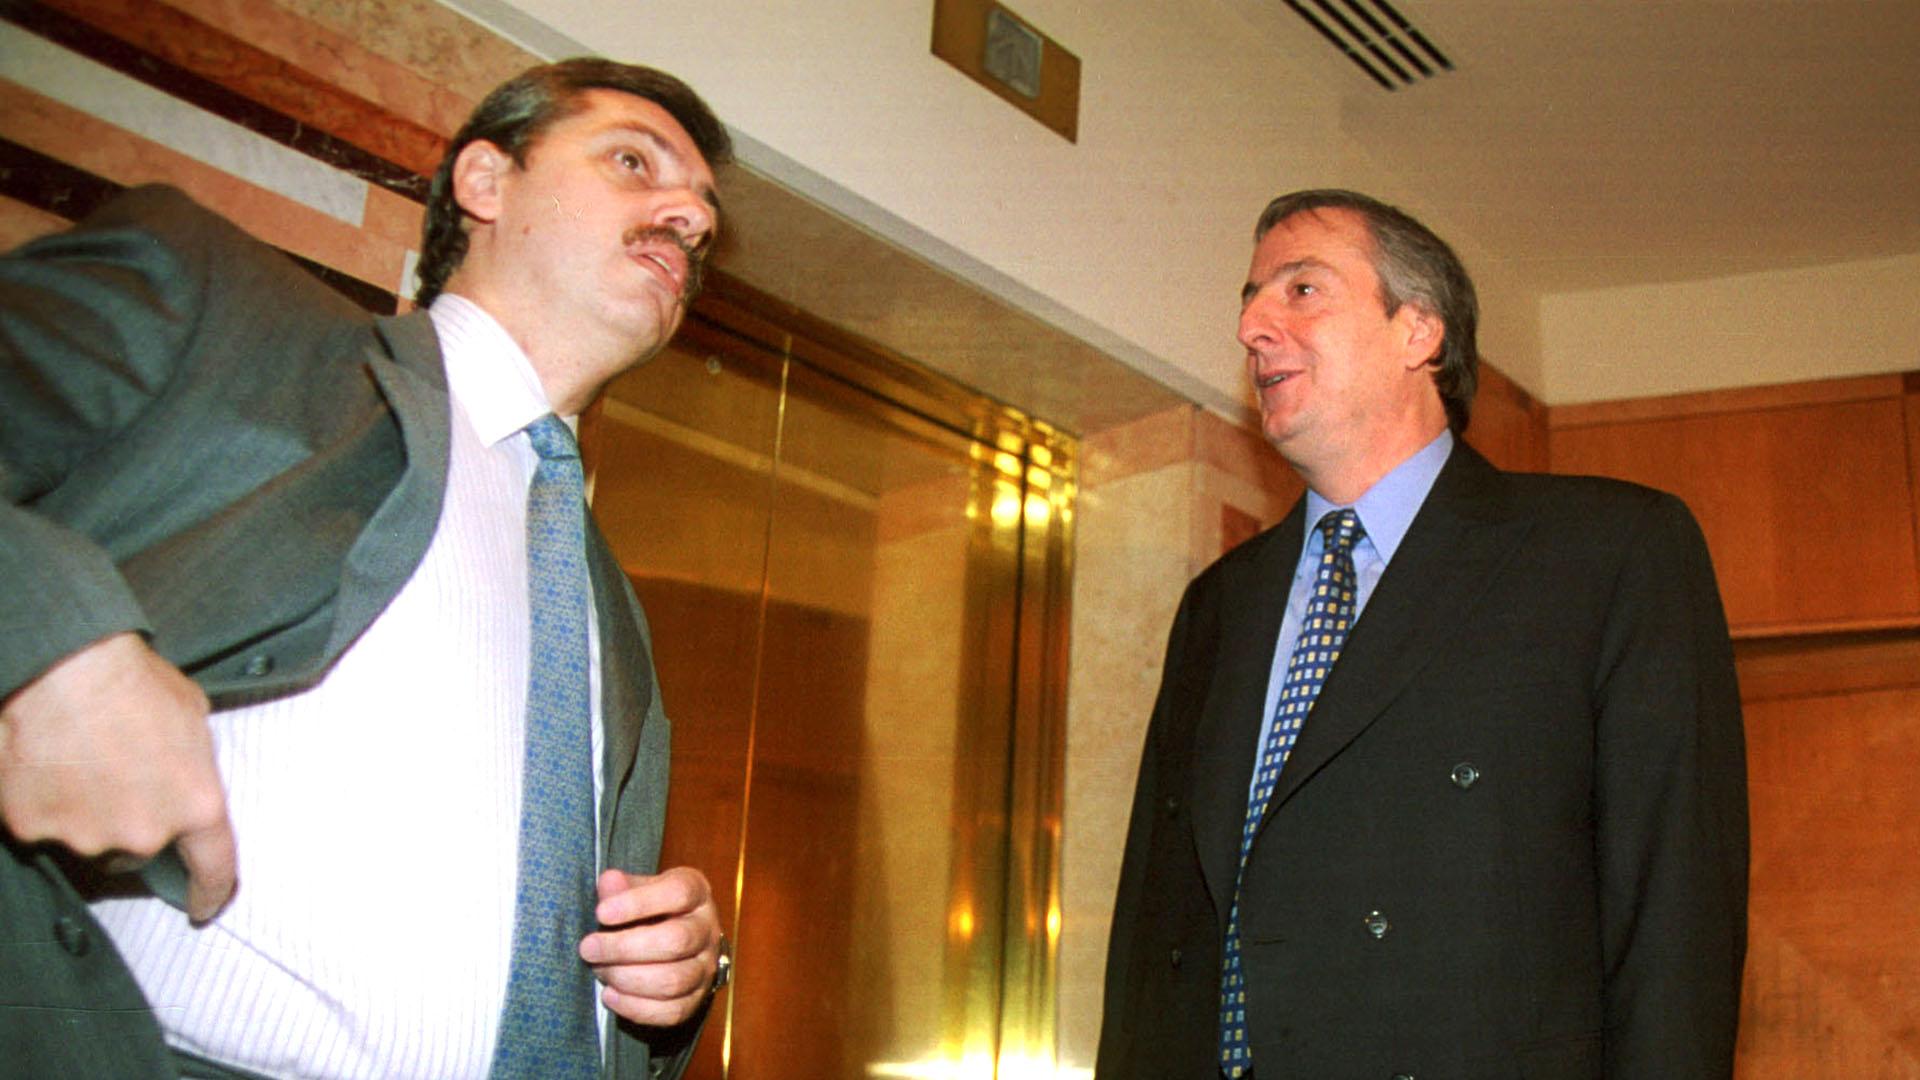 El 19 de abril de 2001, acompañó al entonces gobernador de Santa Cruz a un acto en el Club Unione e Benevolenza, en la Ciudad de Buenos Aires, en el que estuvo junto al titular de la CGT disidente, Hugo Moyano. Así comenzó la apuesta por la candidatura presidencial de Néstor Kirchner, que llegaría dos años después.